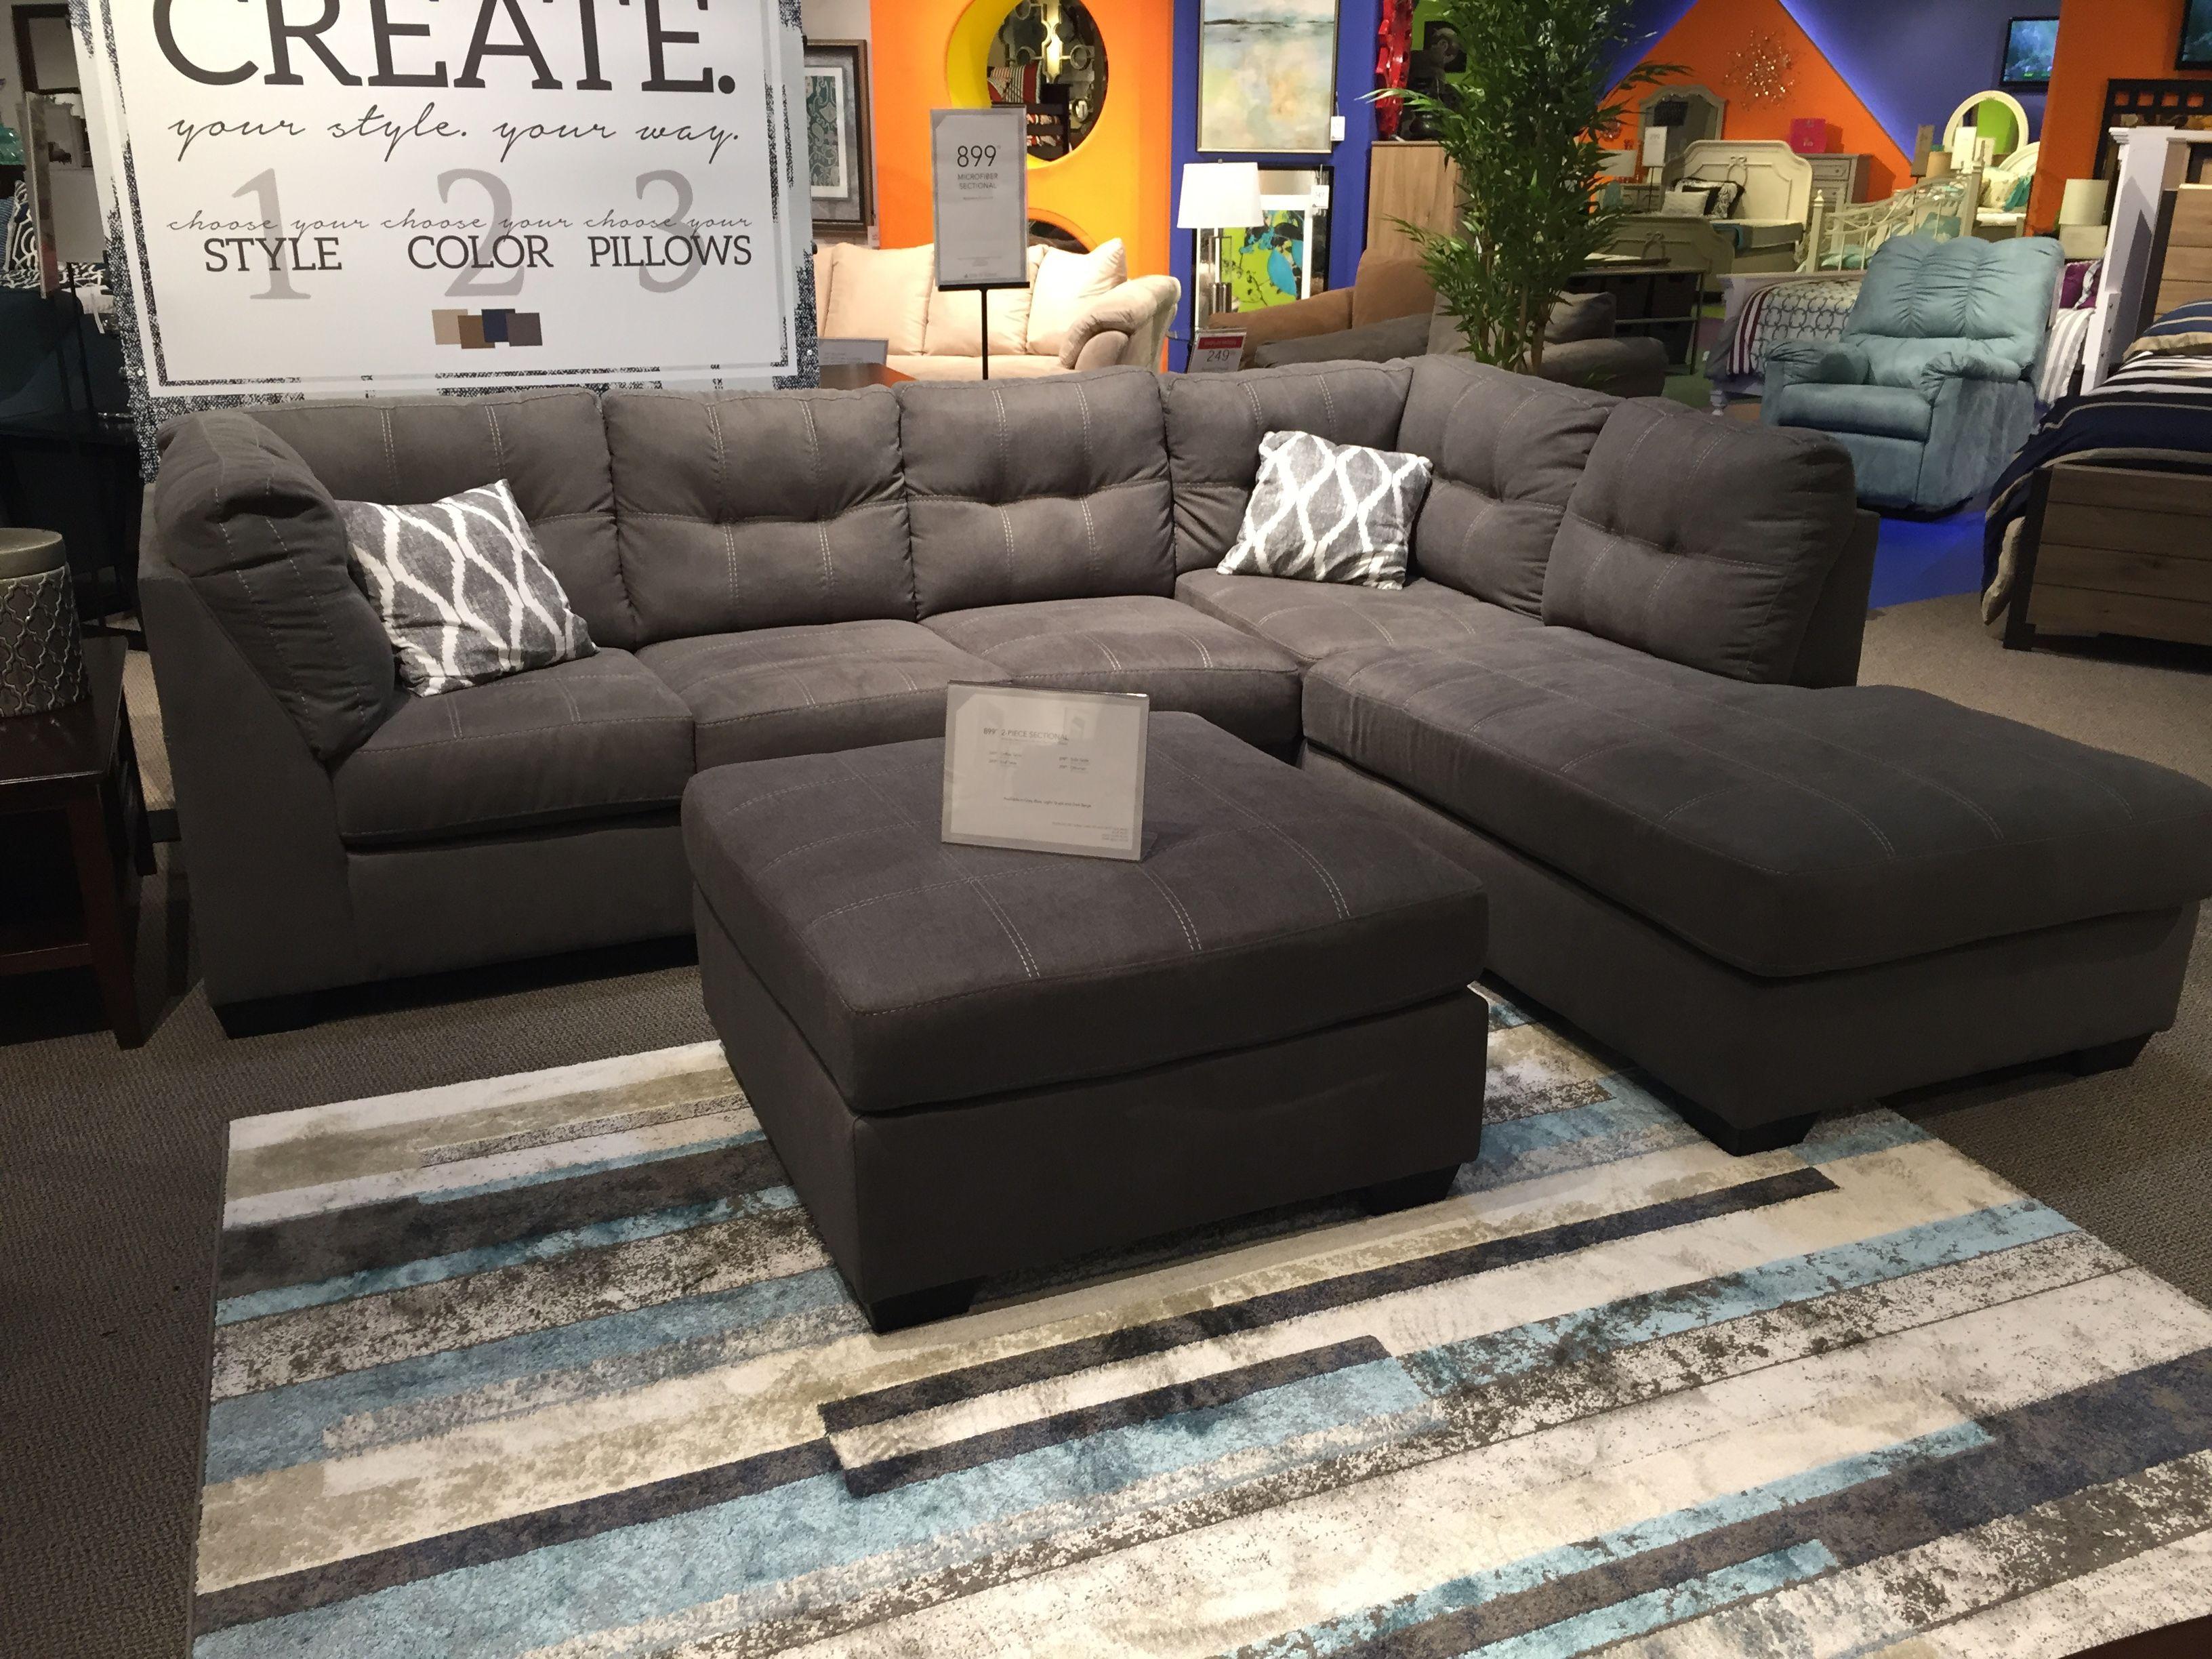 Big Sofa Weich Interesting Amazing Sofa Design Big Sofa Genial